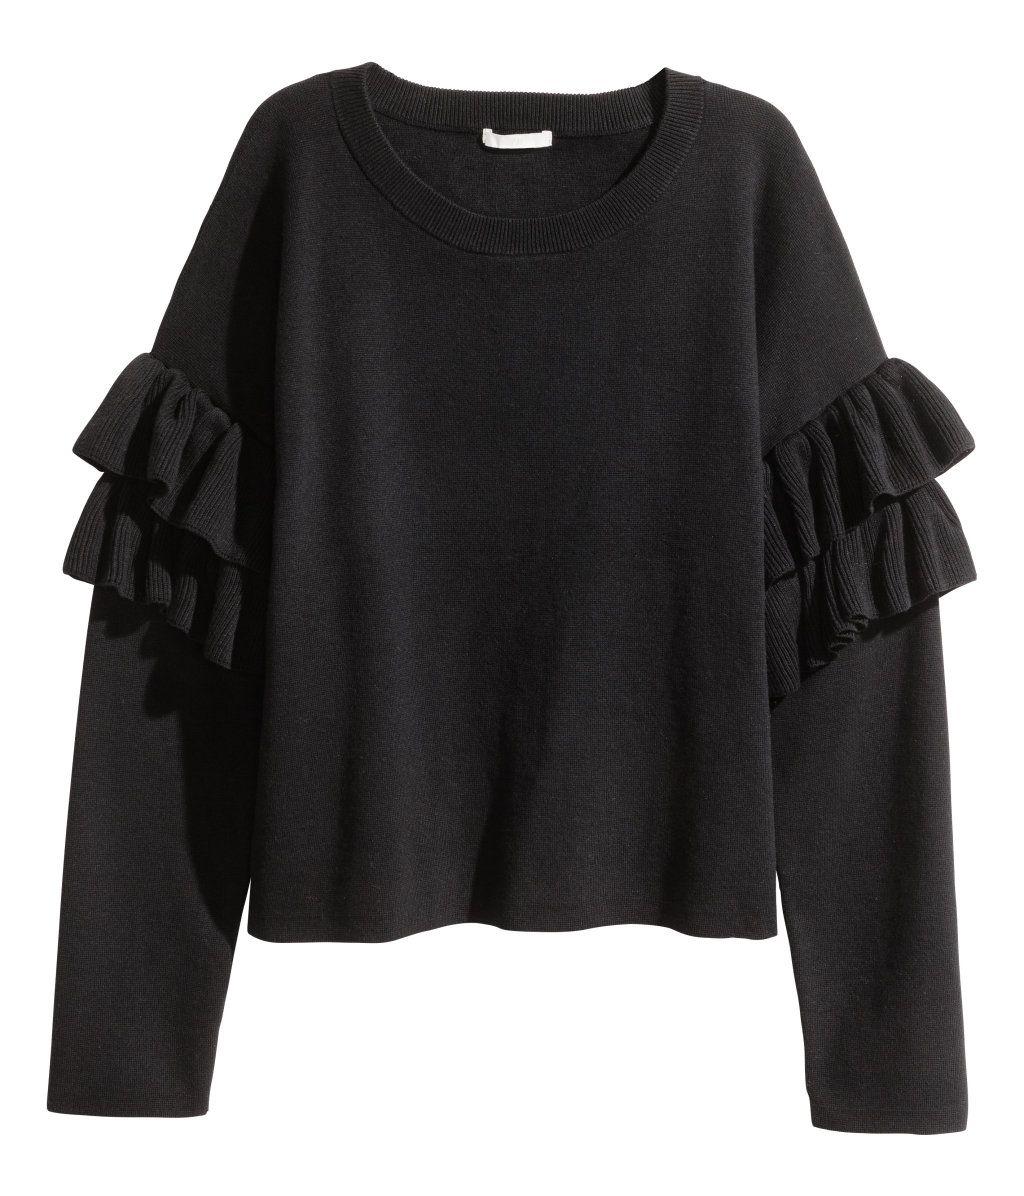 En finstickad tröja i mjuk bomullsblandning. Tröjan har kraftigt nedhasad  axel och lång ärm med volanger. Vid passform. Ribbstickad kant runt 55a143d6d9b17